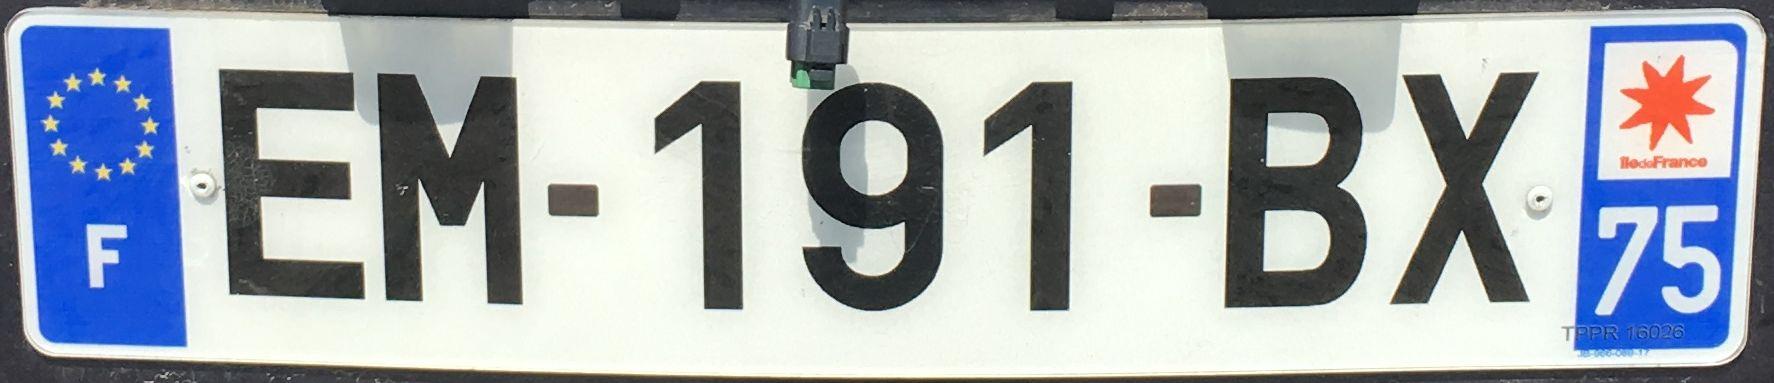 Francouzská registrační značka - 75 - Paris, foto:www.podalnici.cz